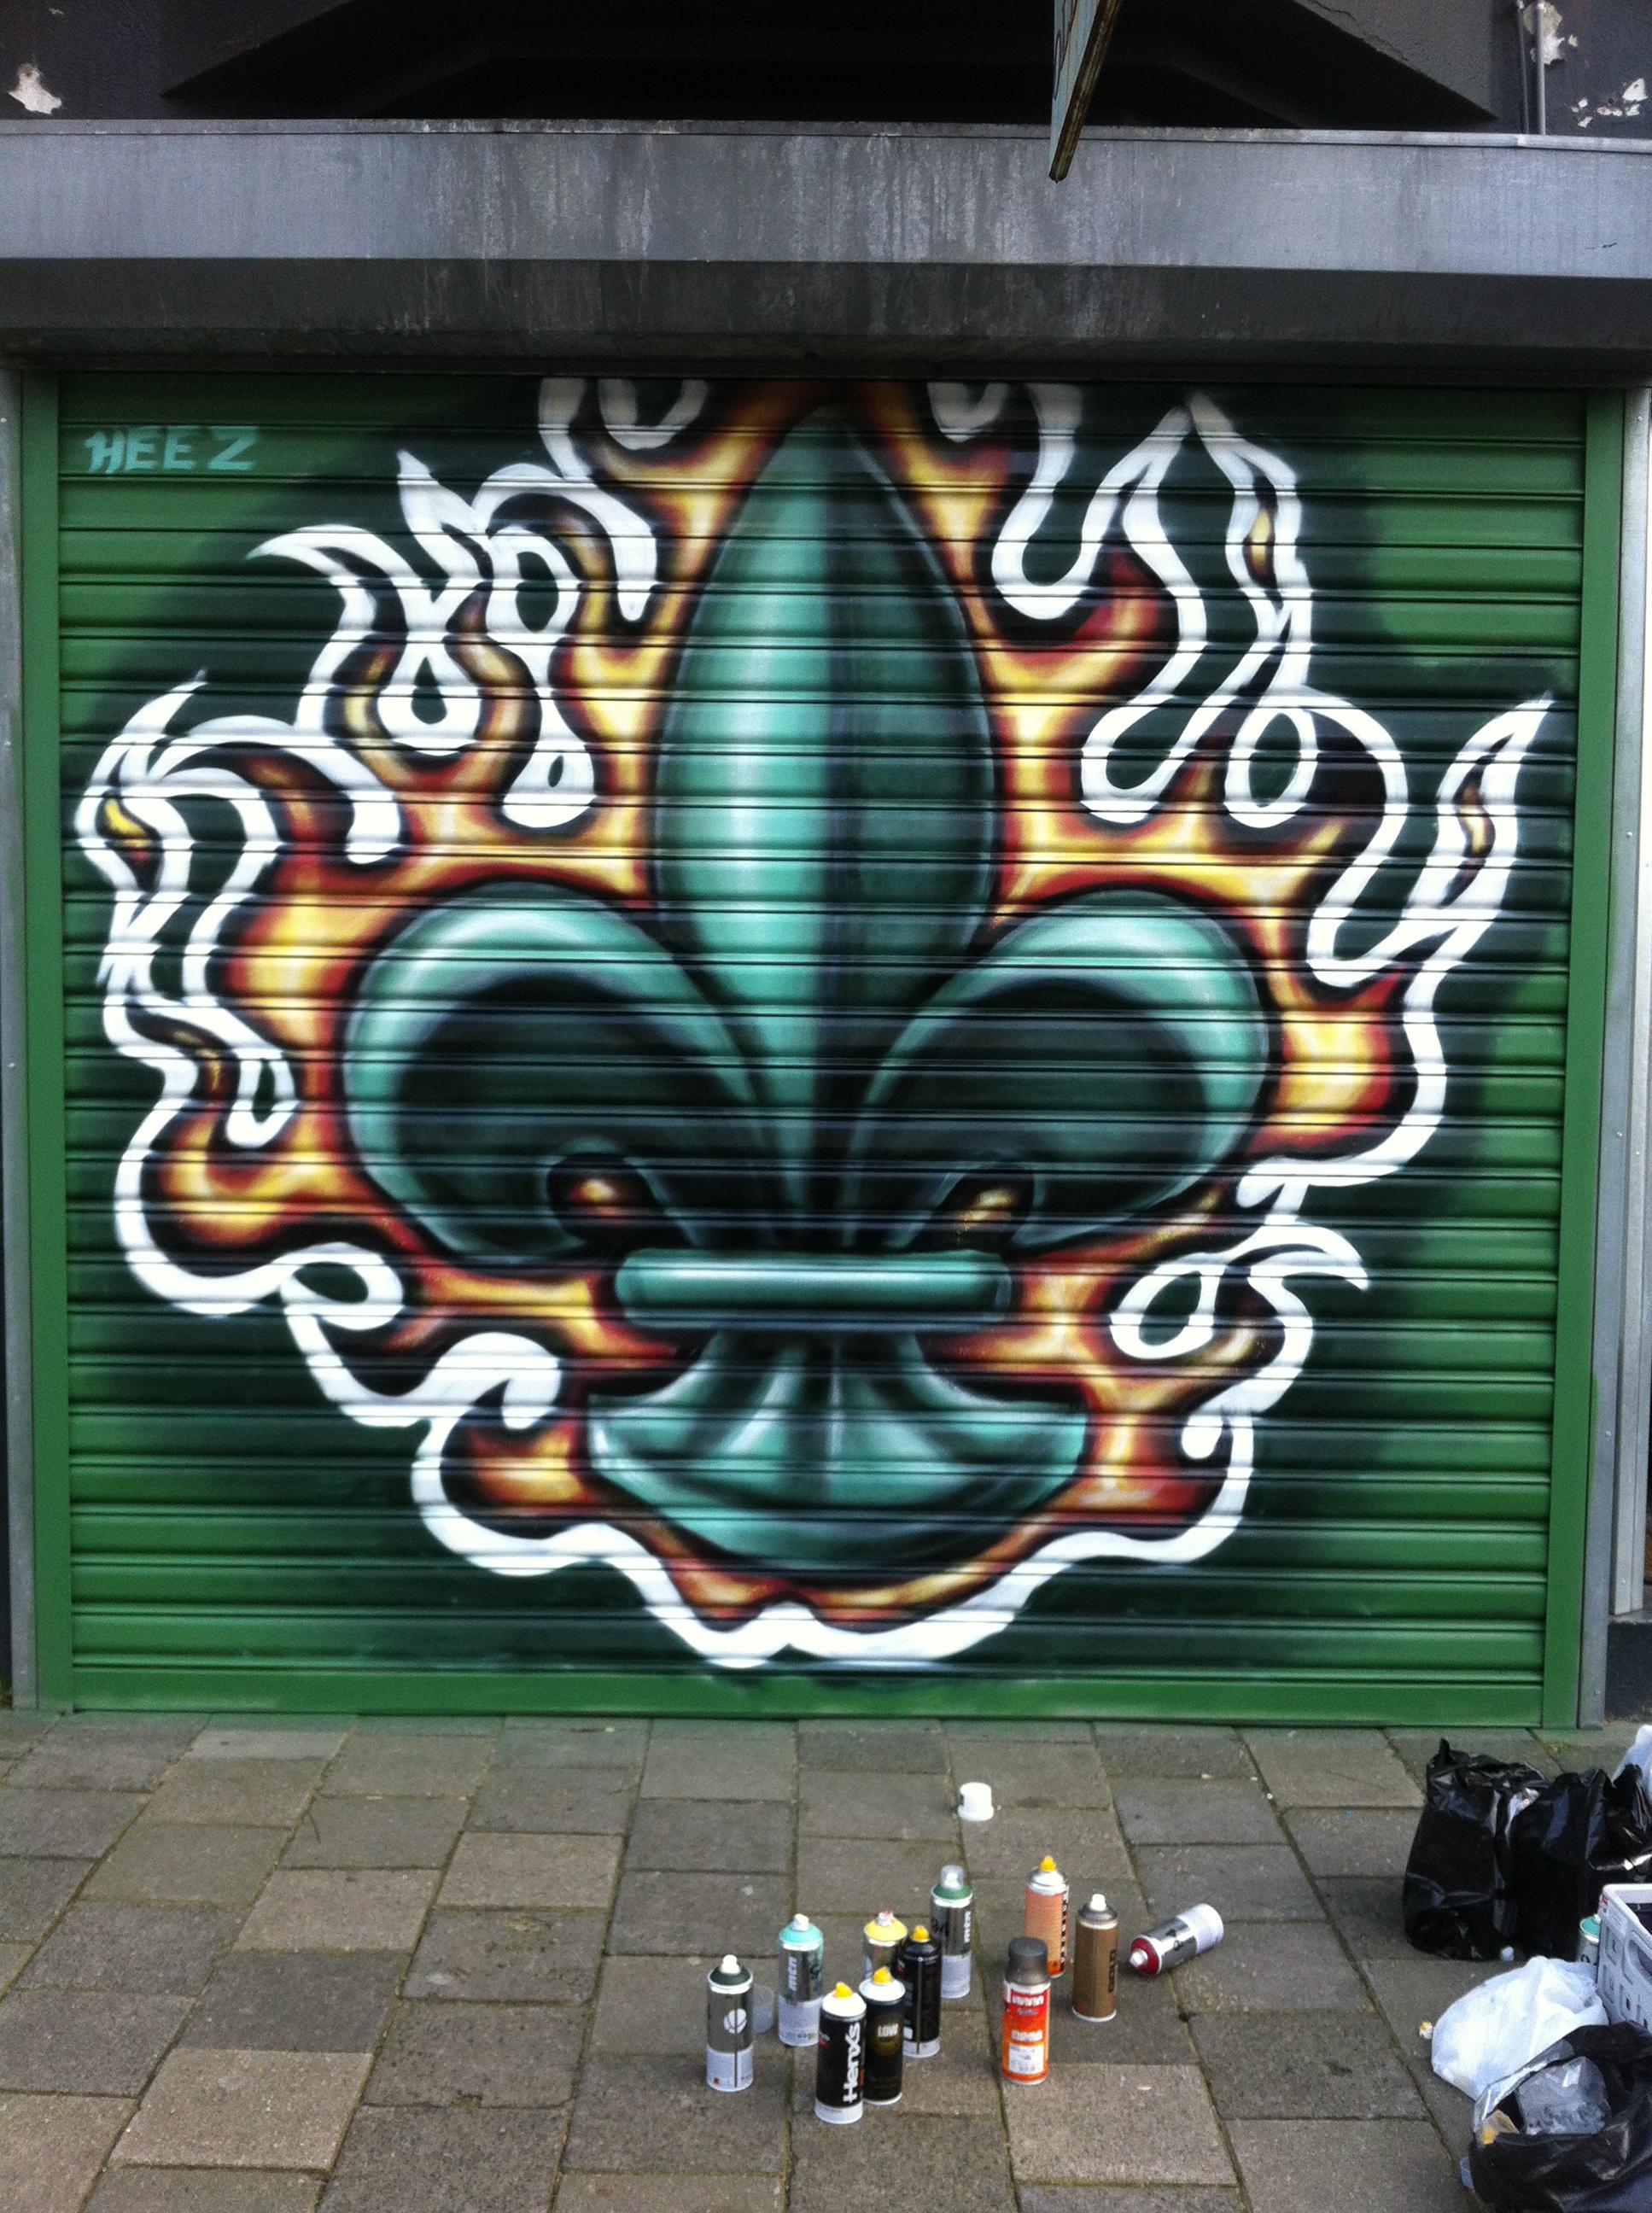 Graffiti wall tattoo - The